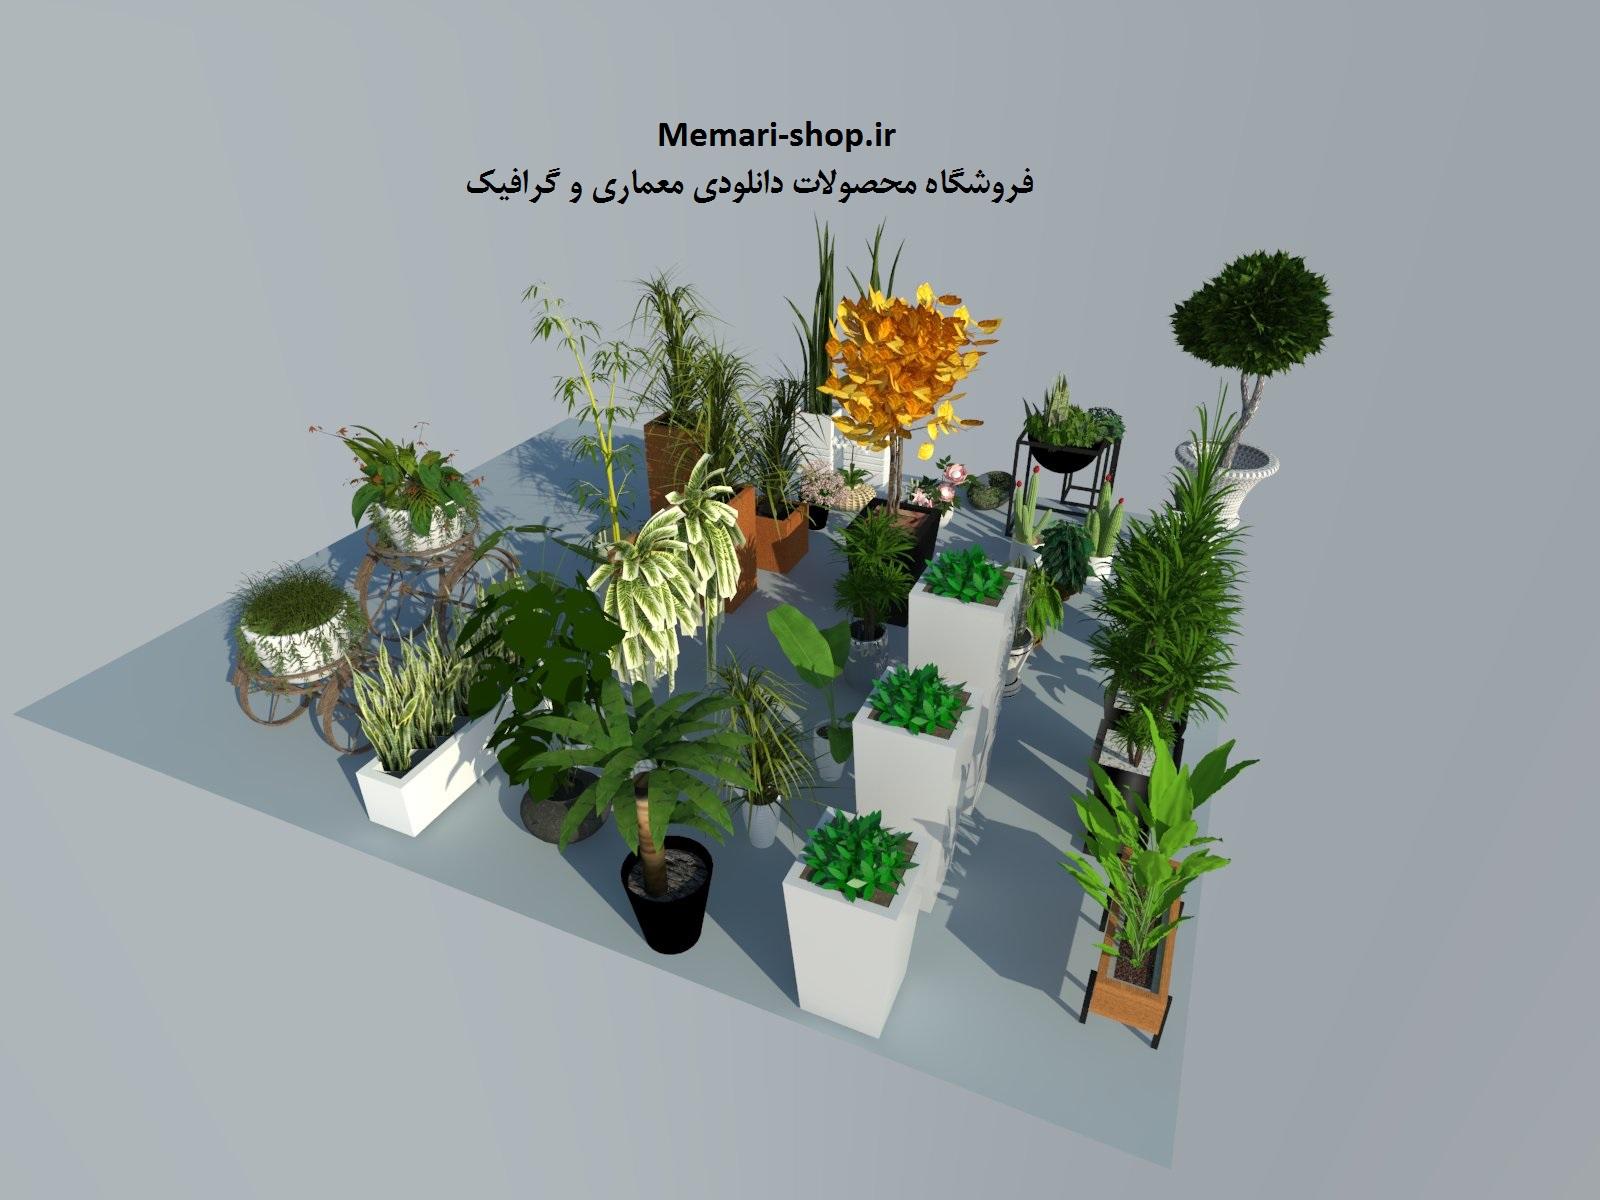 آبجکت تری دی درخت و گل و گیاه